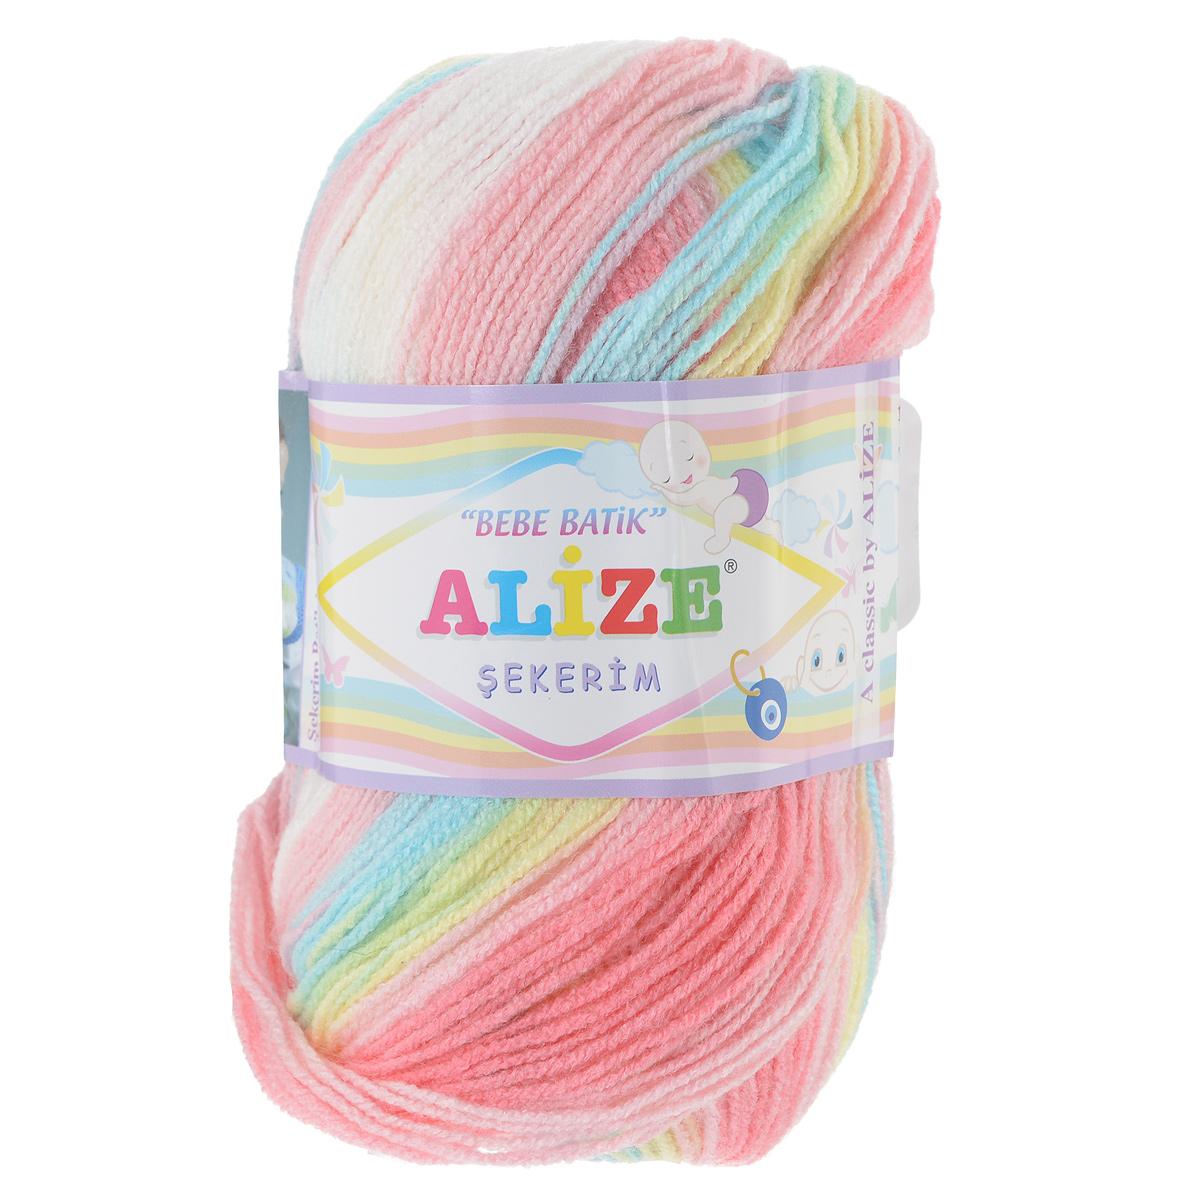 Пряжа для вязания Alize Sekerim Bebe Batik, цвет: розовый, желтый, голубой (3045), 320 м, 100 г, 5 шт лонгслив для девочки batik цвет розовый ds0143 4 размер 140